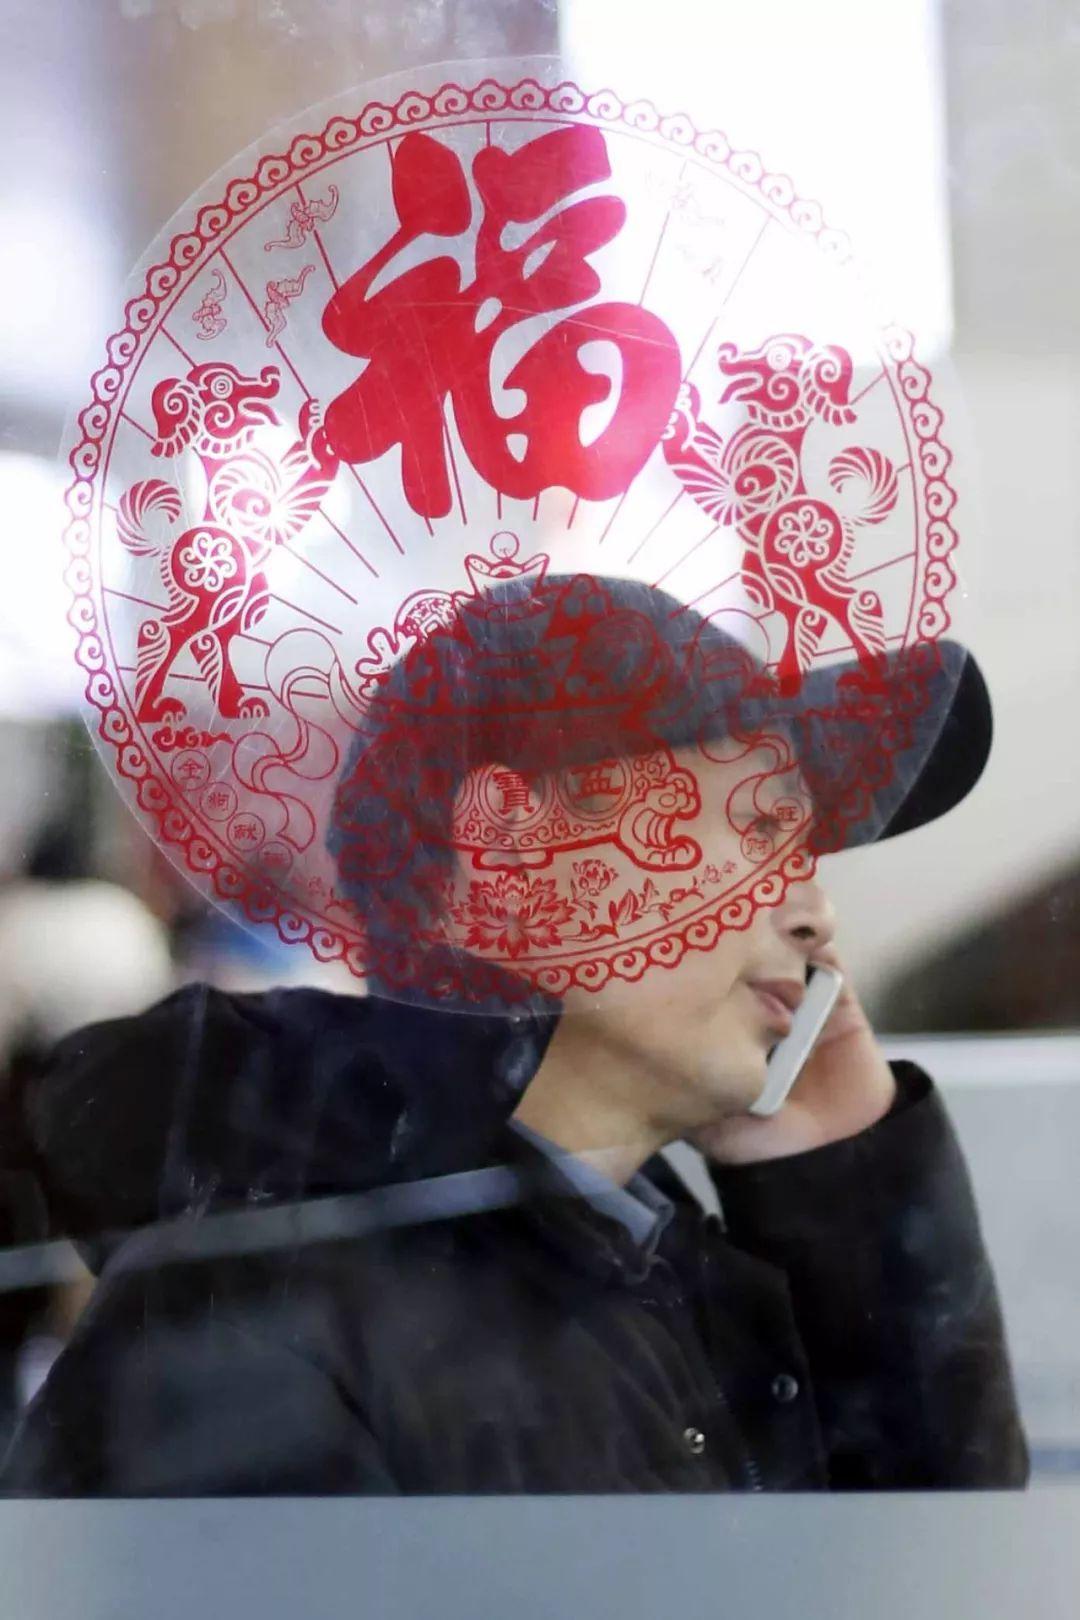 春运进入高峰运输模式,上海三大站单日客发突破50万人次